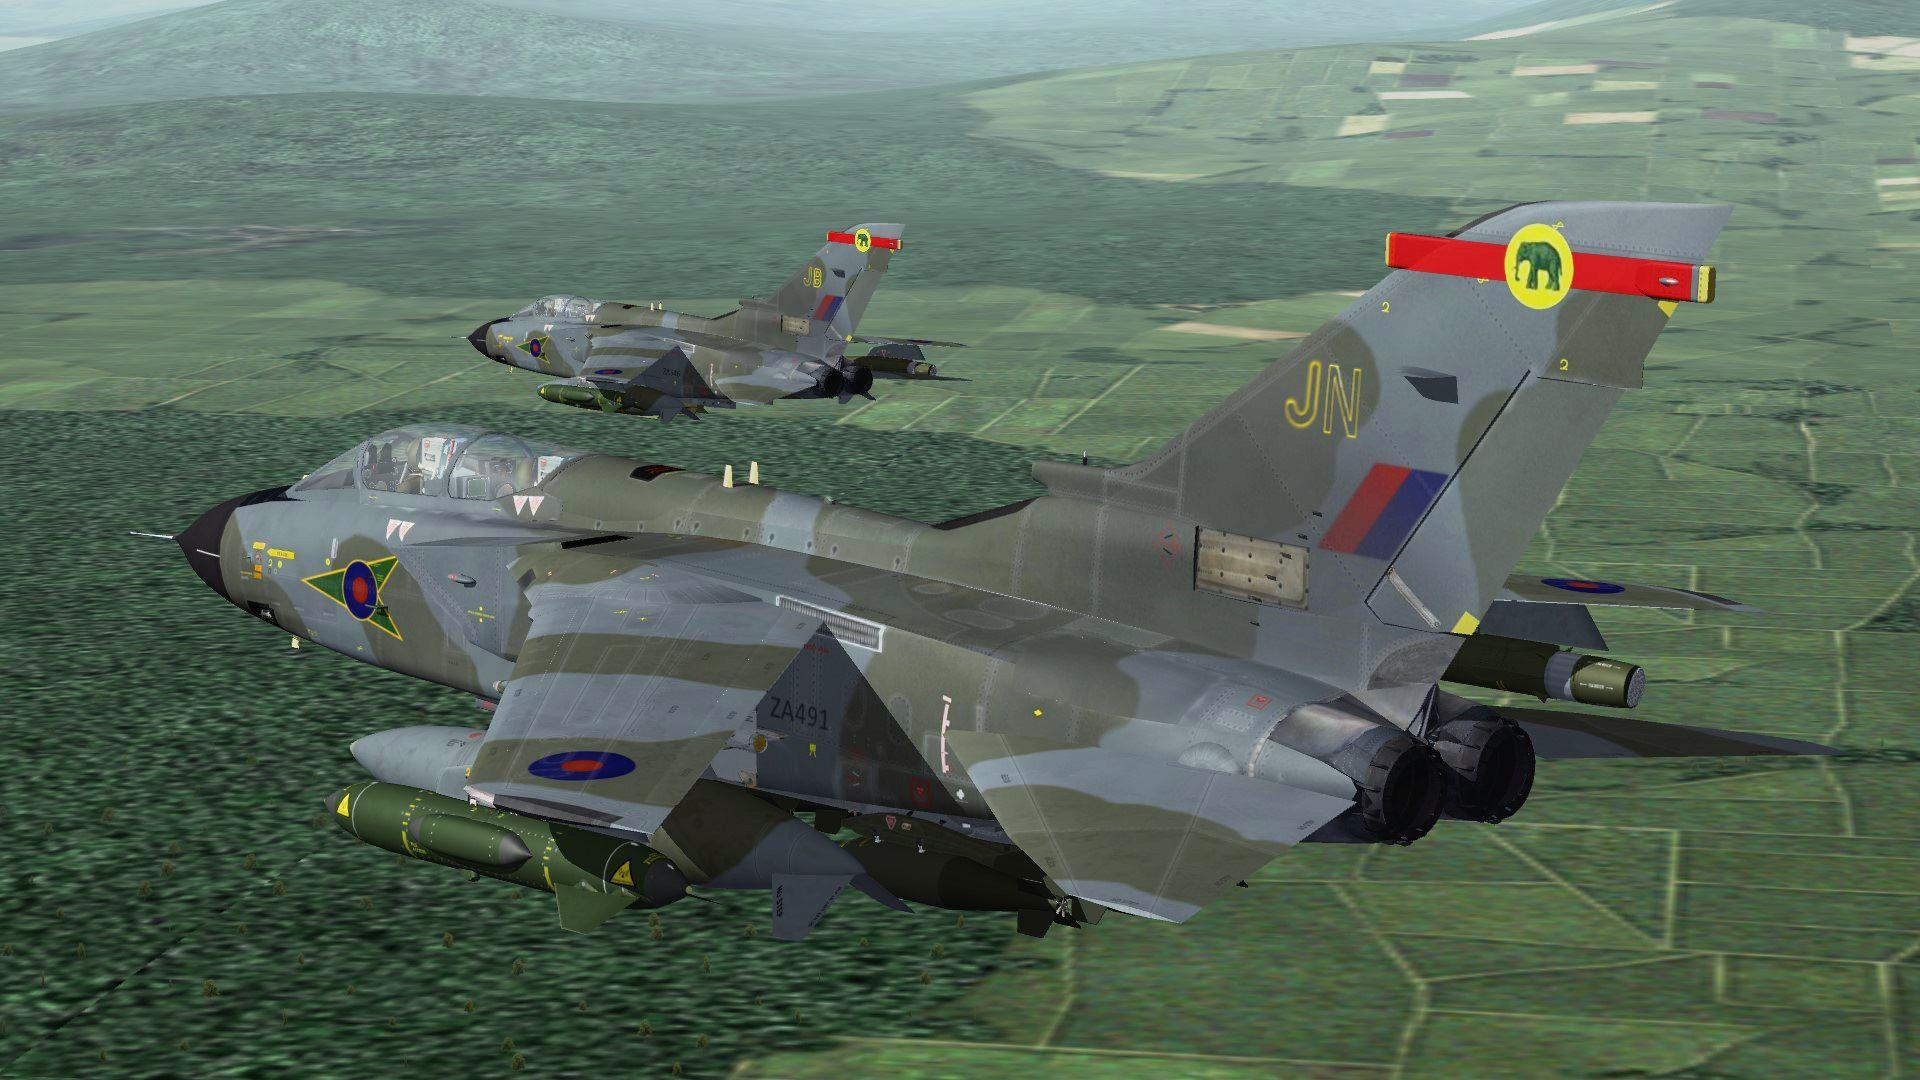 RAF%20TORNADO%20GR1.01_zps4n2ncqic.jpg